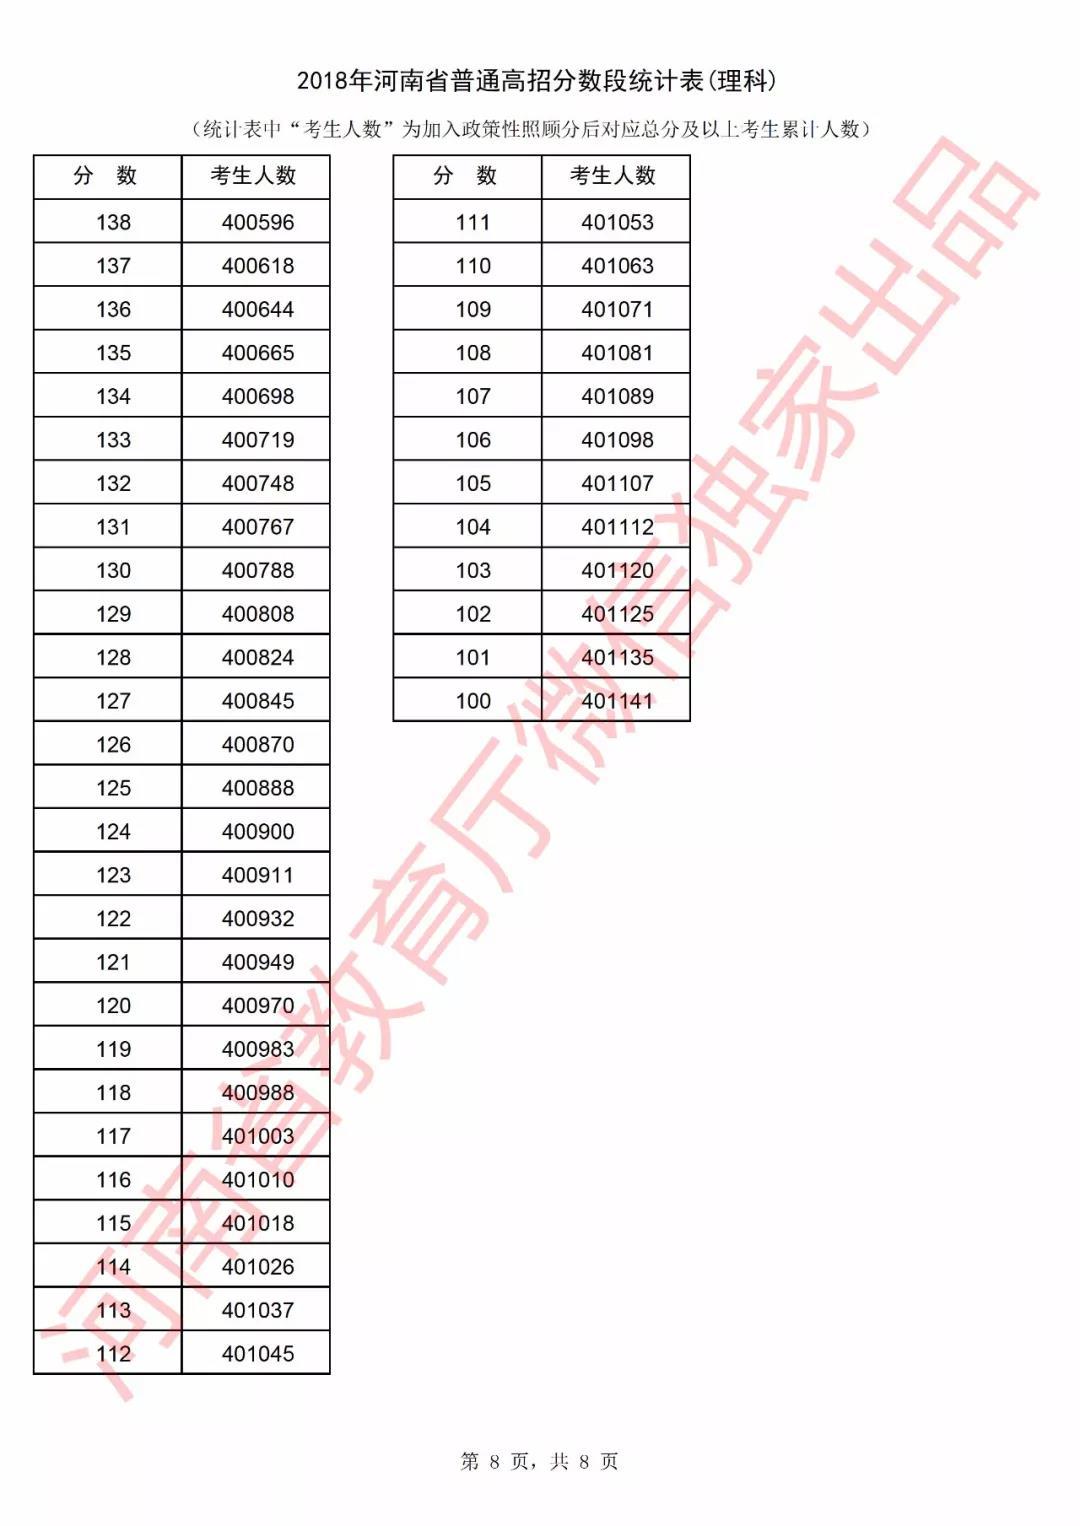 2018年河南金盈娱乐官网普通高招理科分数段统计表